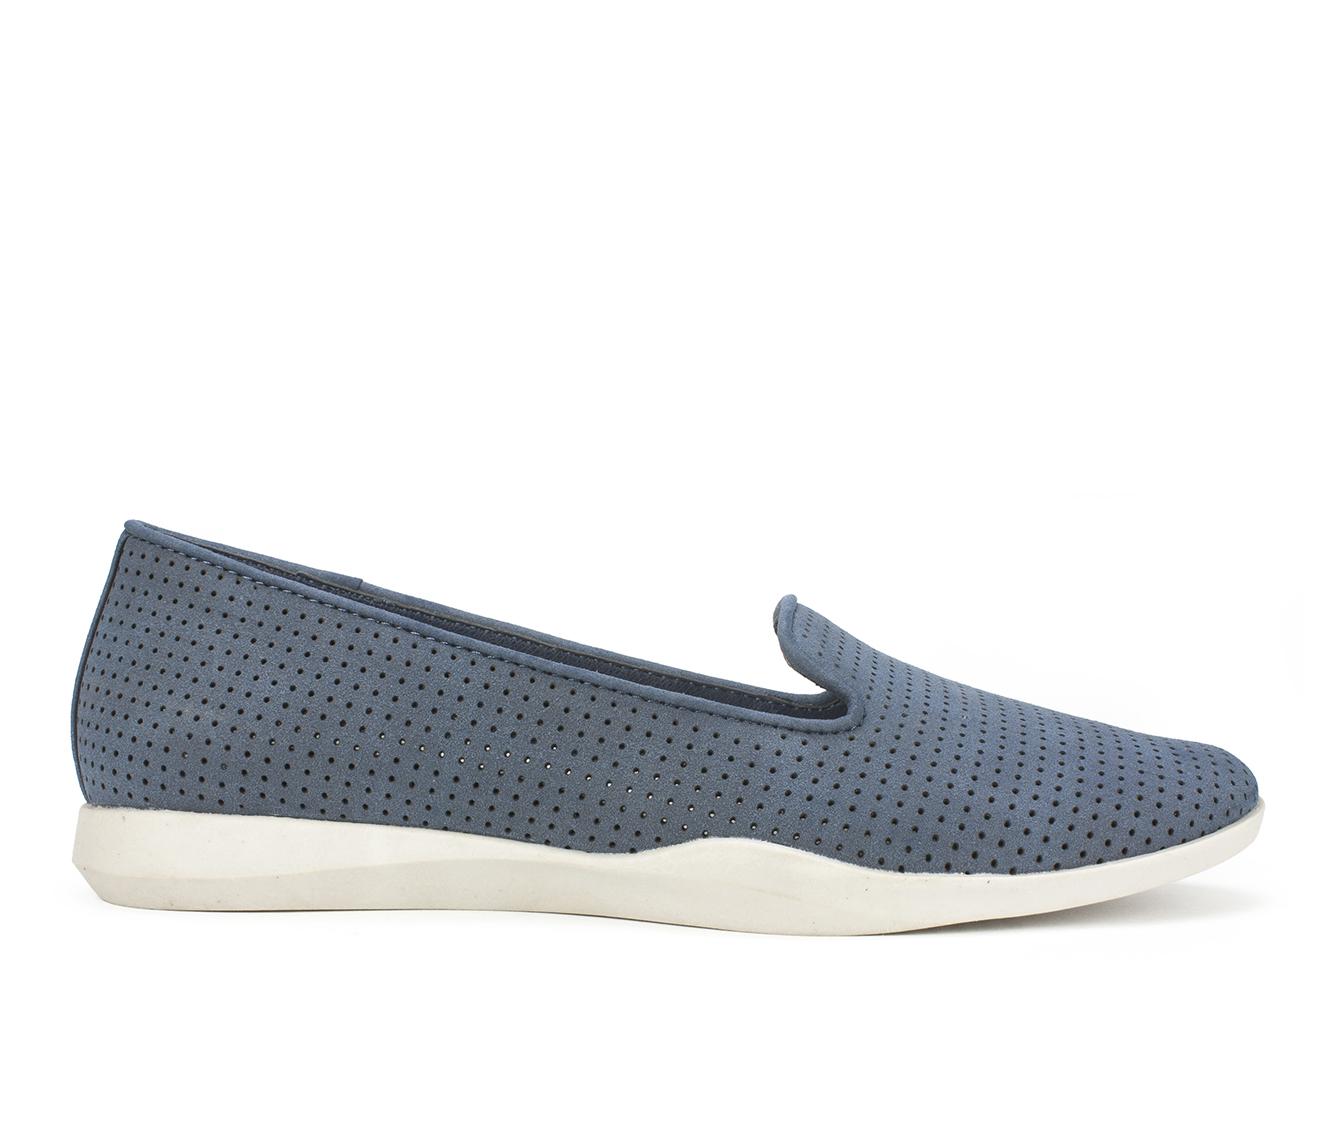 Cliffs Piper Women's Shoe (Blue Faux Leather)